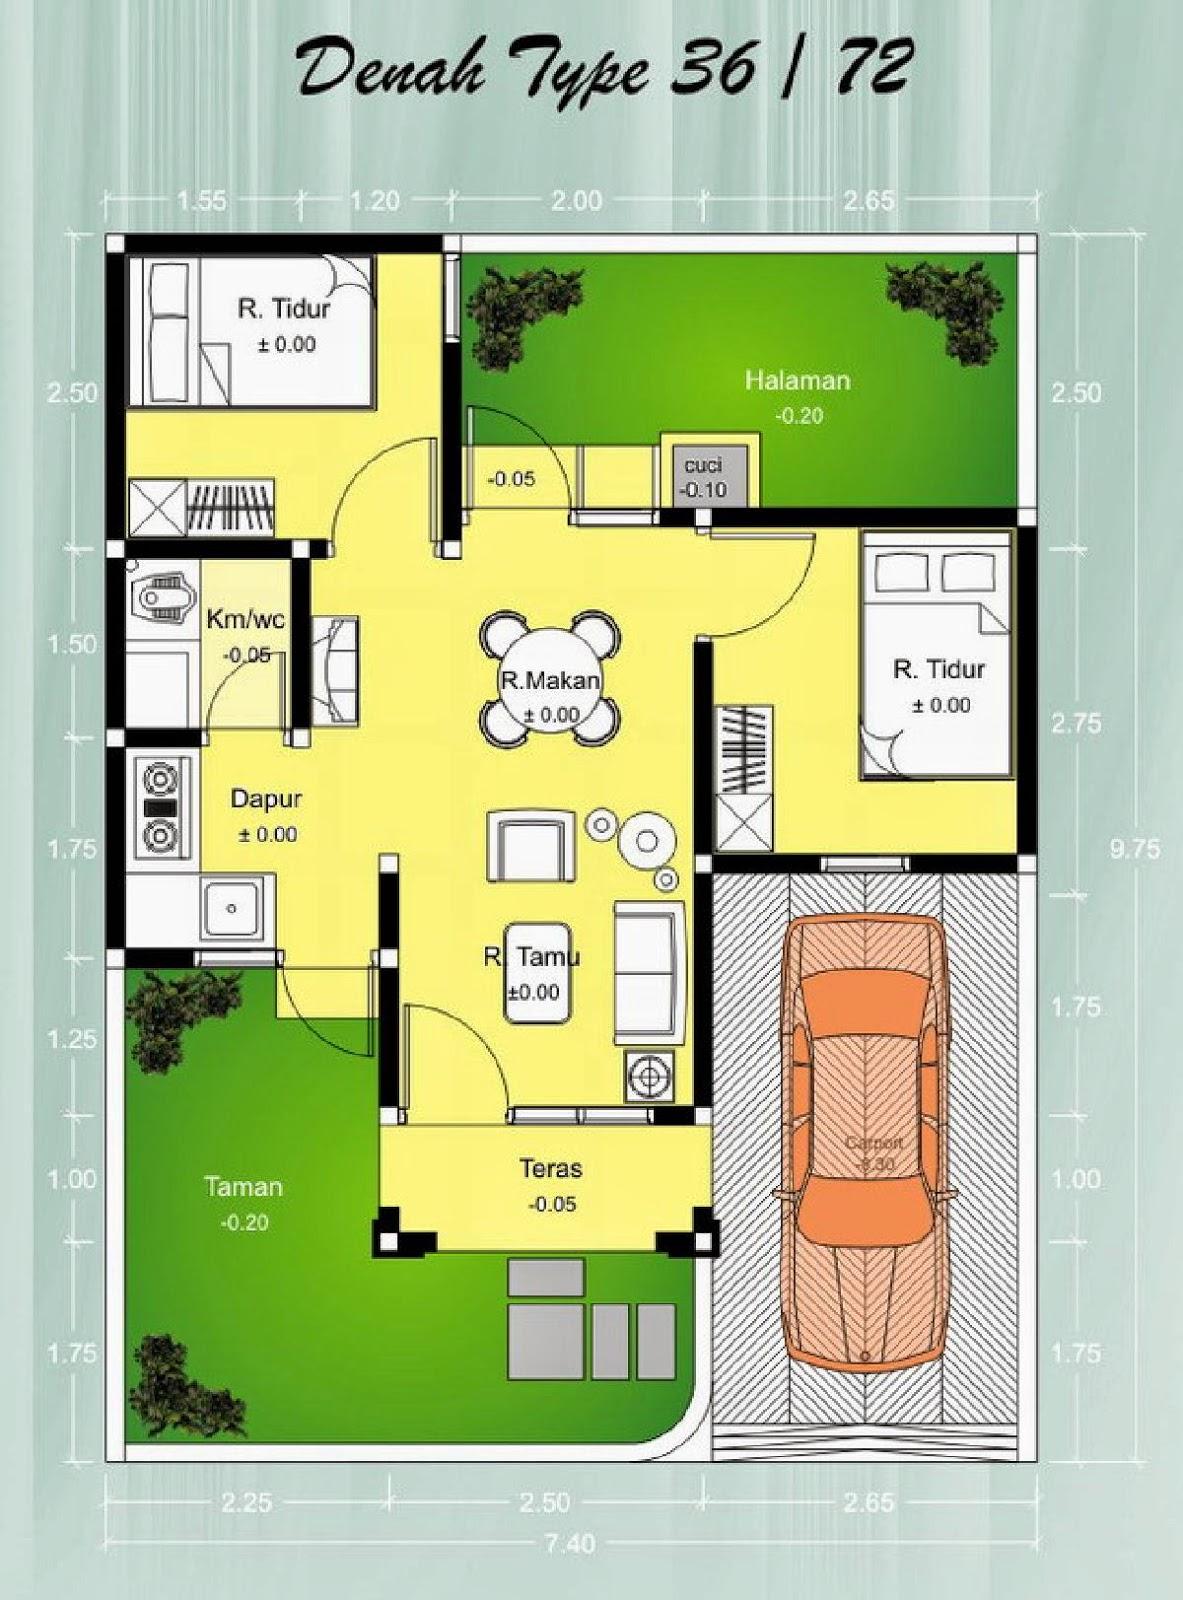 Desain Rumah Minimalis Tipe 36 Terbaru 2015 Kumpulan Desain